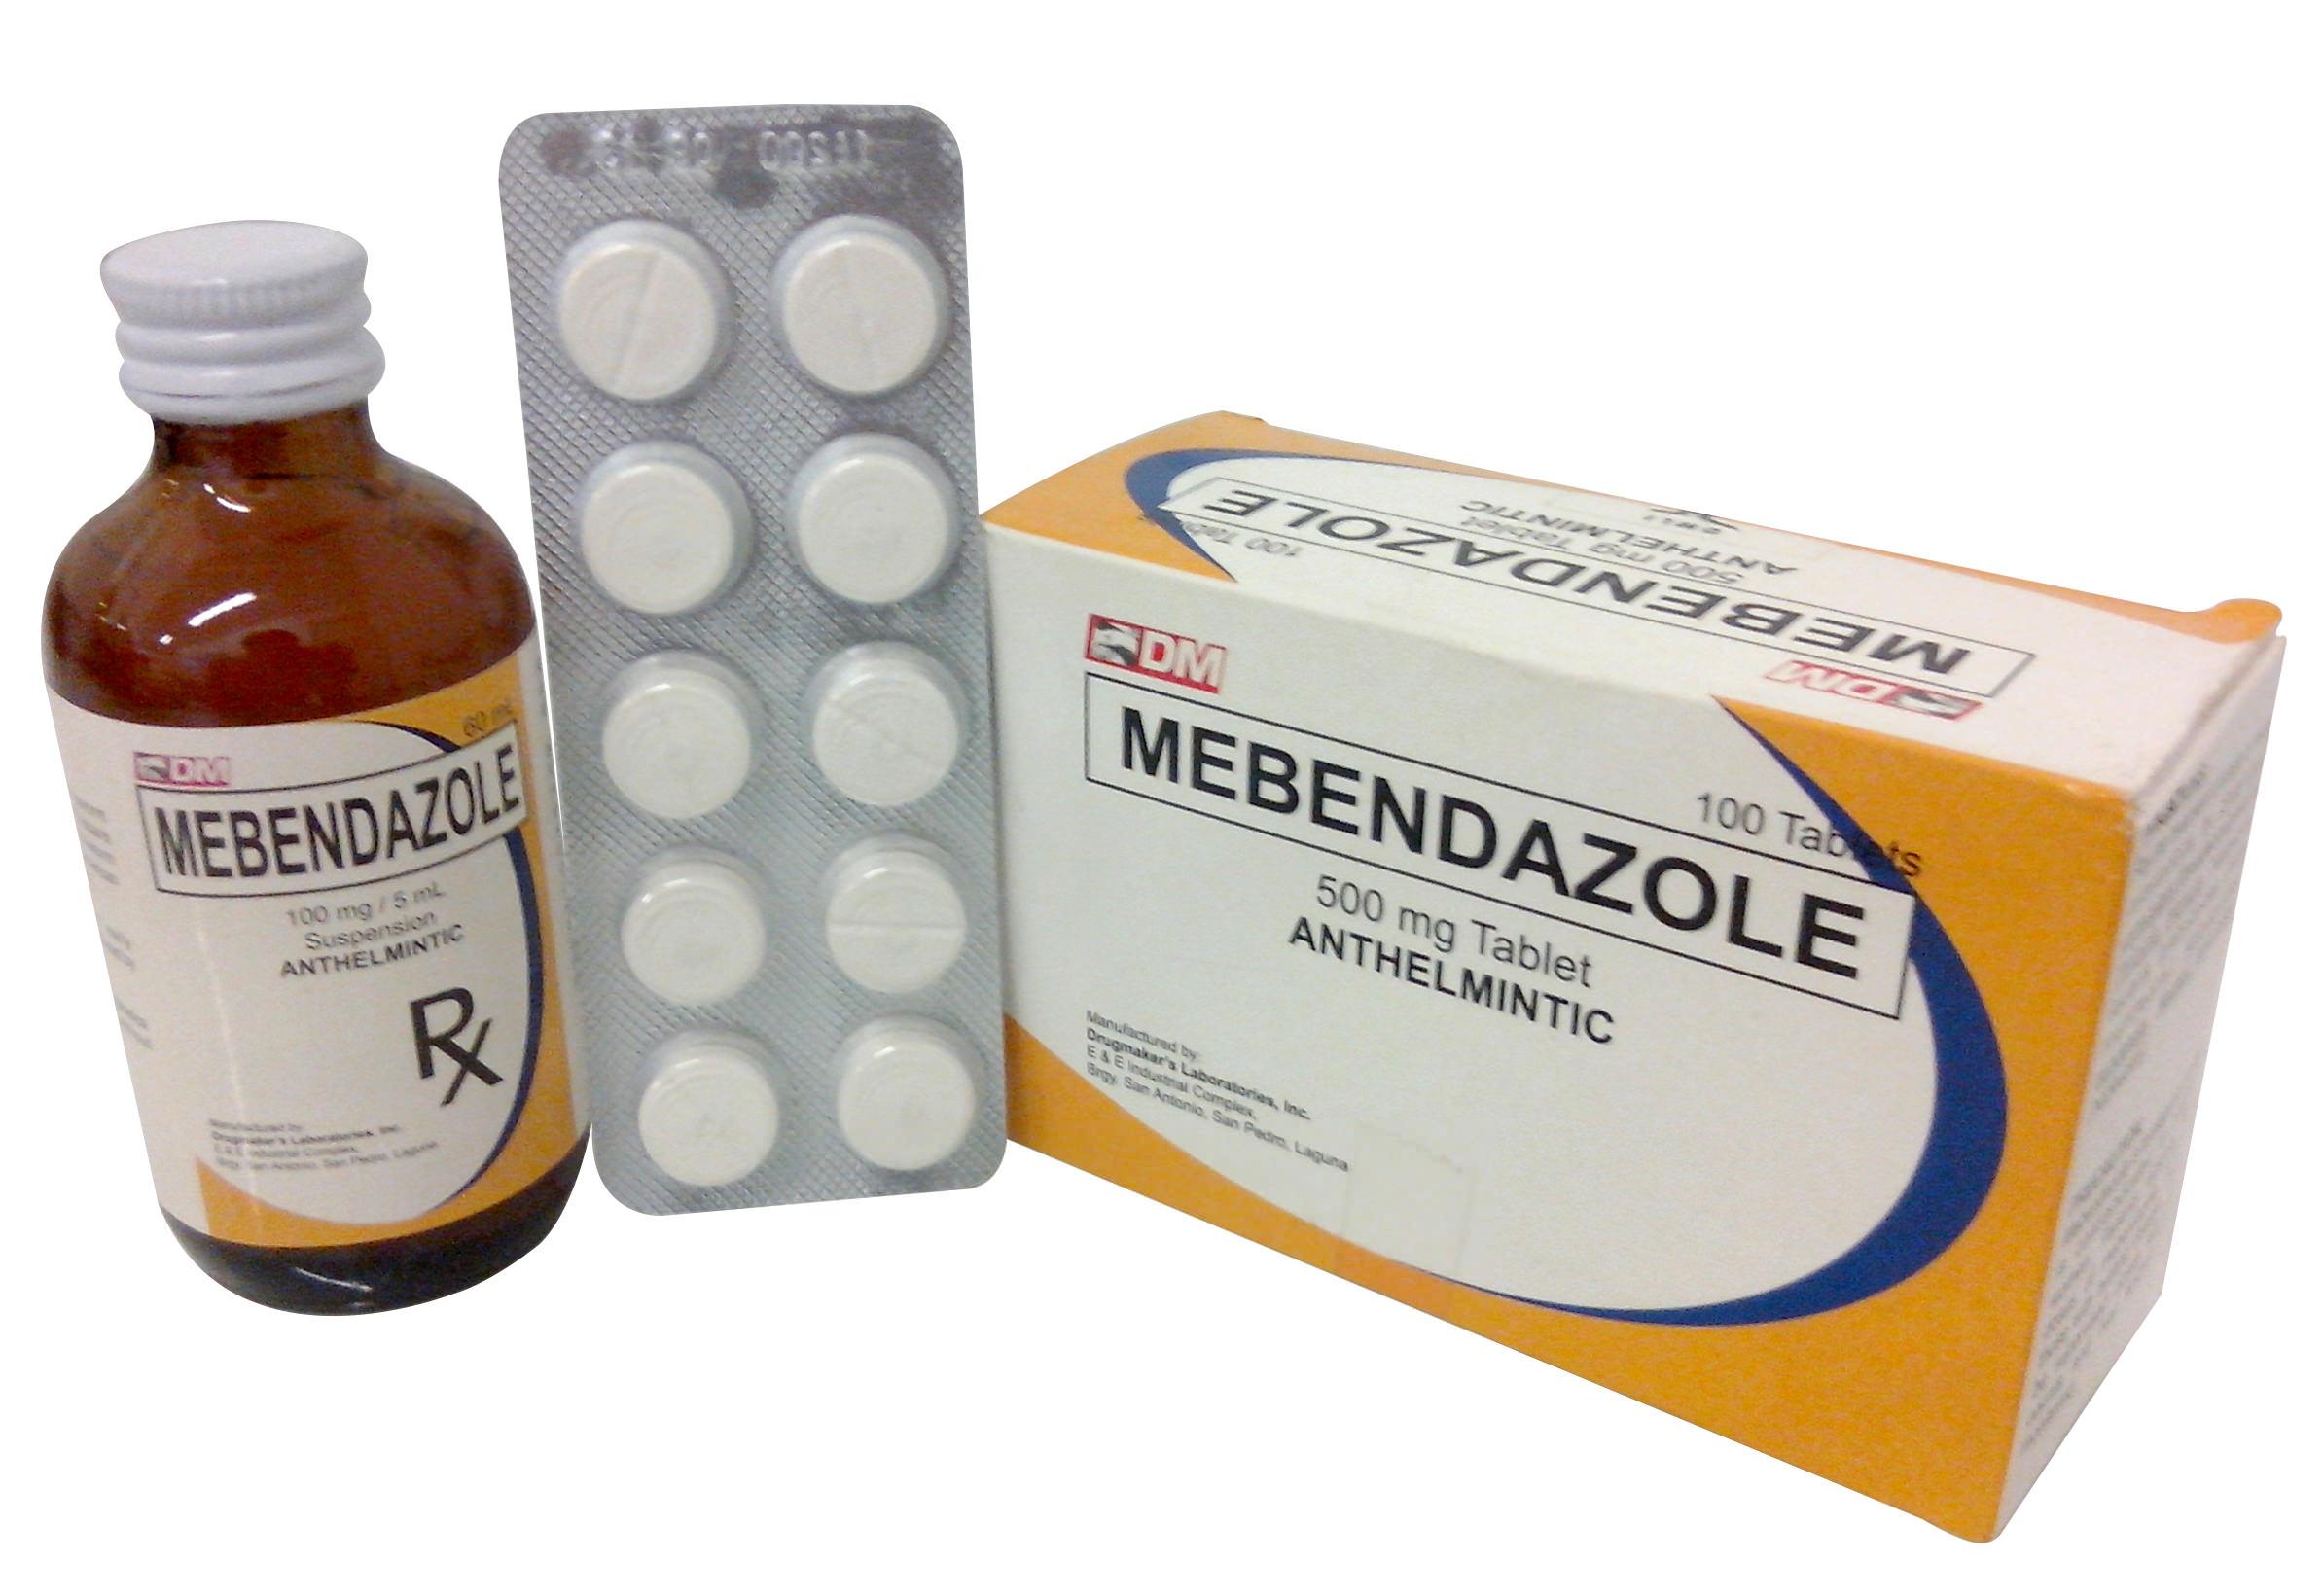 Mebendazole Mebendazole new picture